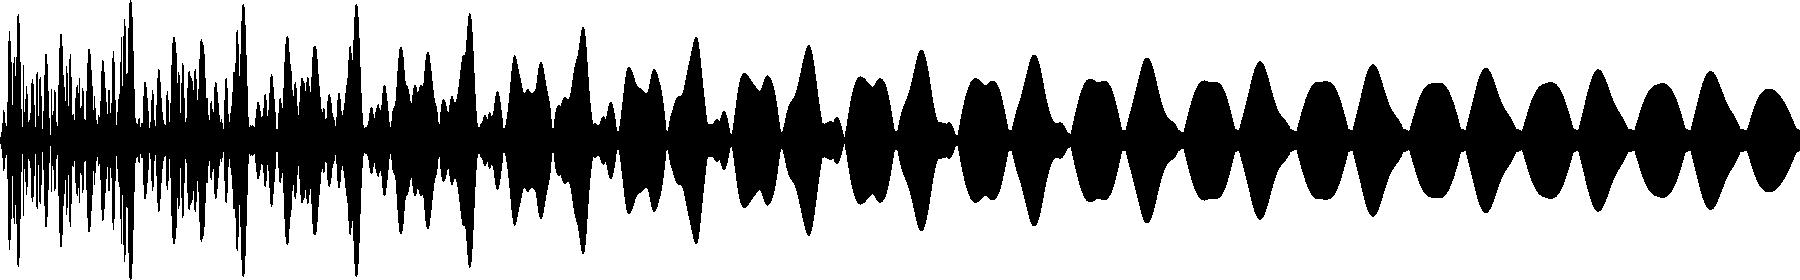 vedh bass cut 034 f